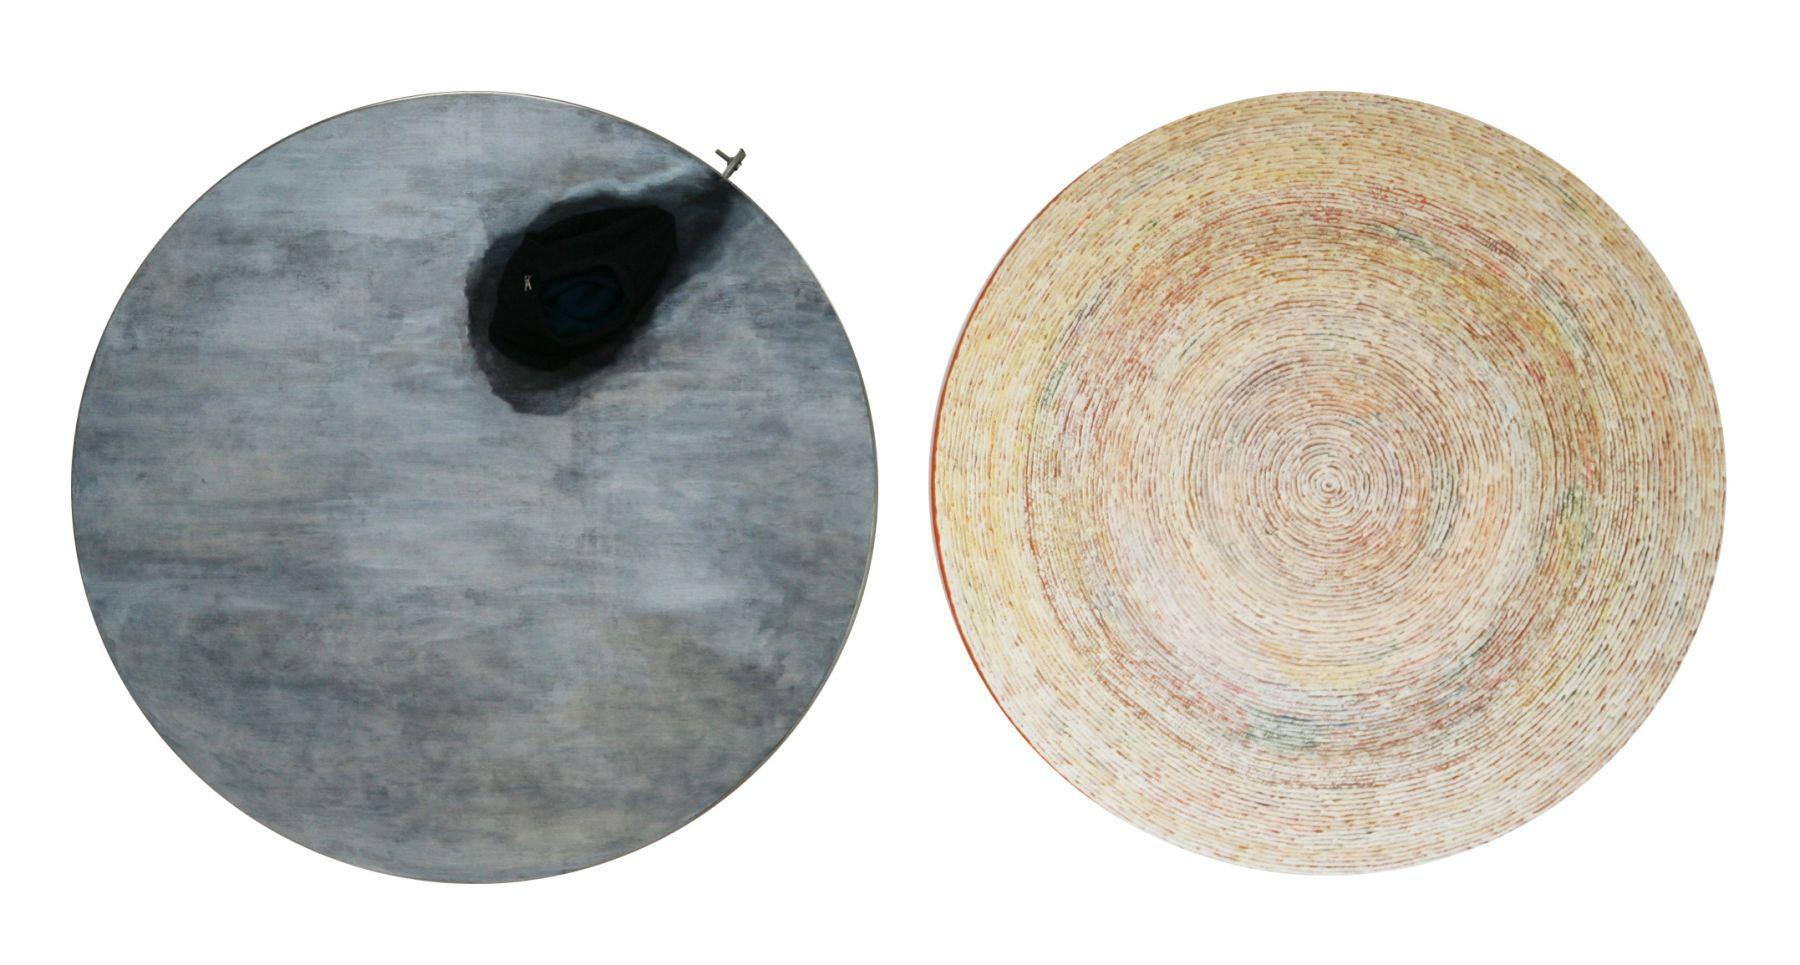 """Song Dong 宋冬 (b. 1966) & Yin Xiuzhen 尹秀珍 (b. 1963), Chopsticks: Incision of Time """"Tree Ring"""" and """"Black Hole"""" Round 20121 筷道:时间的切片 """"å¹´è½®""""""""黑洞""""圆切片 20121, 2012"""